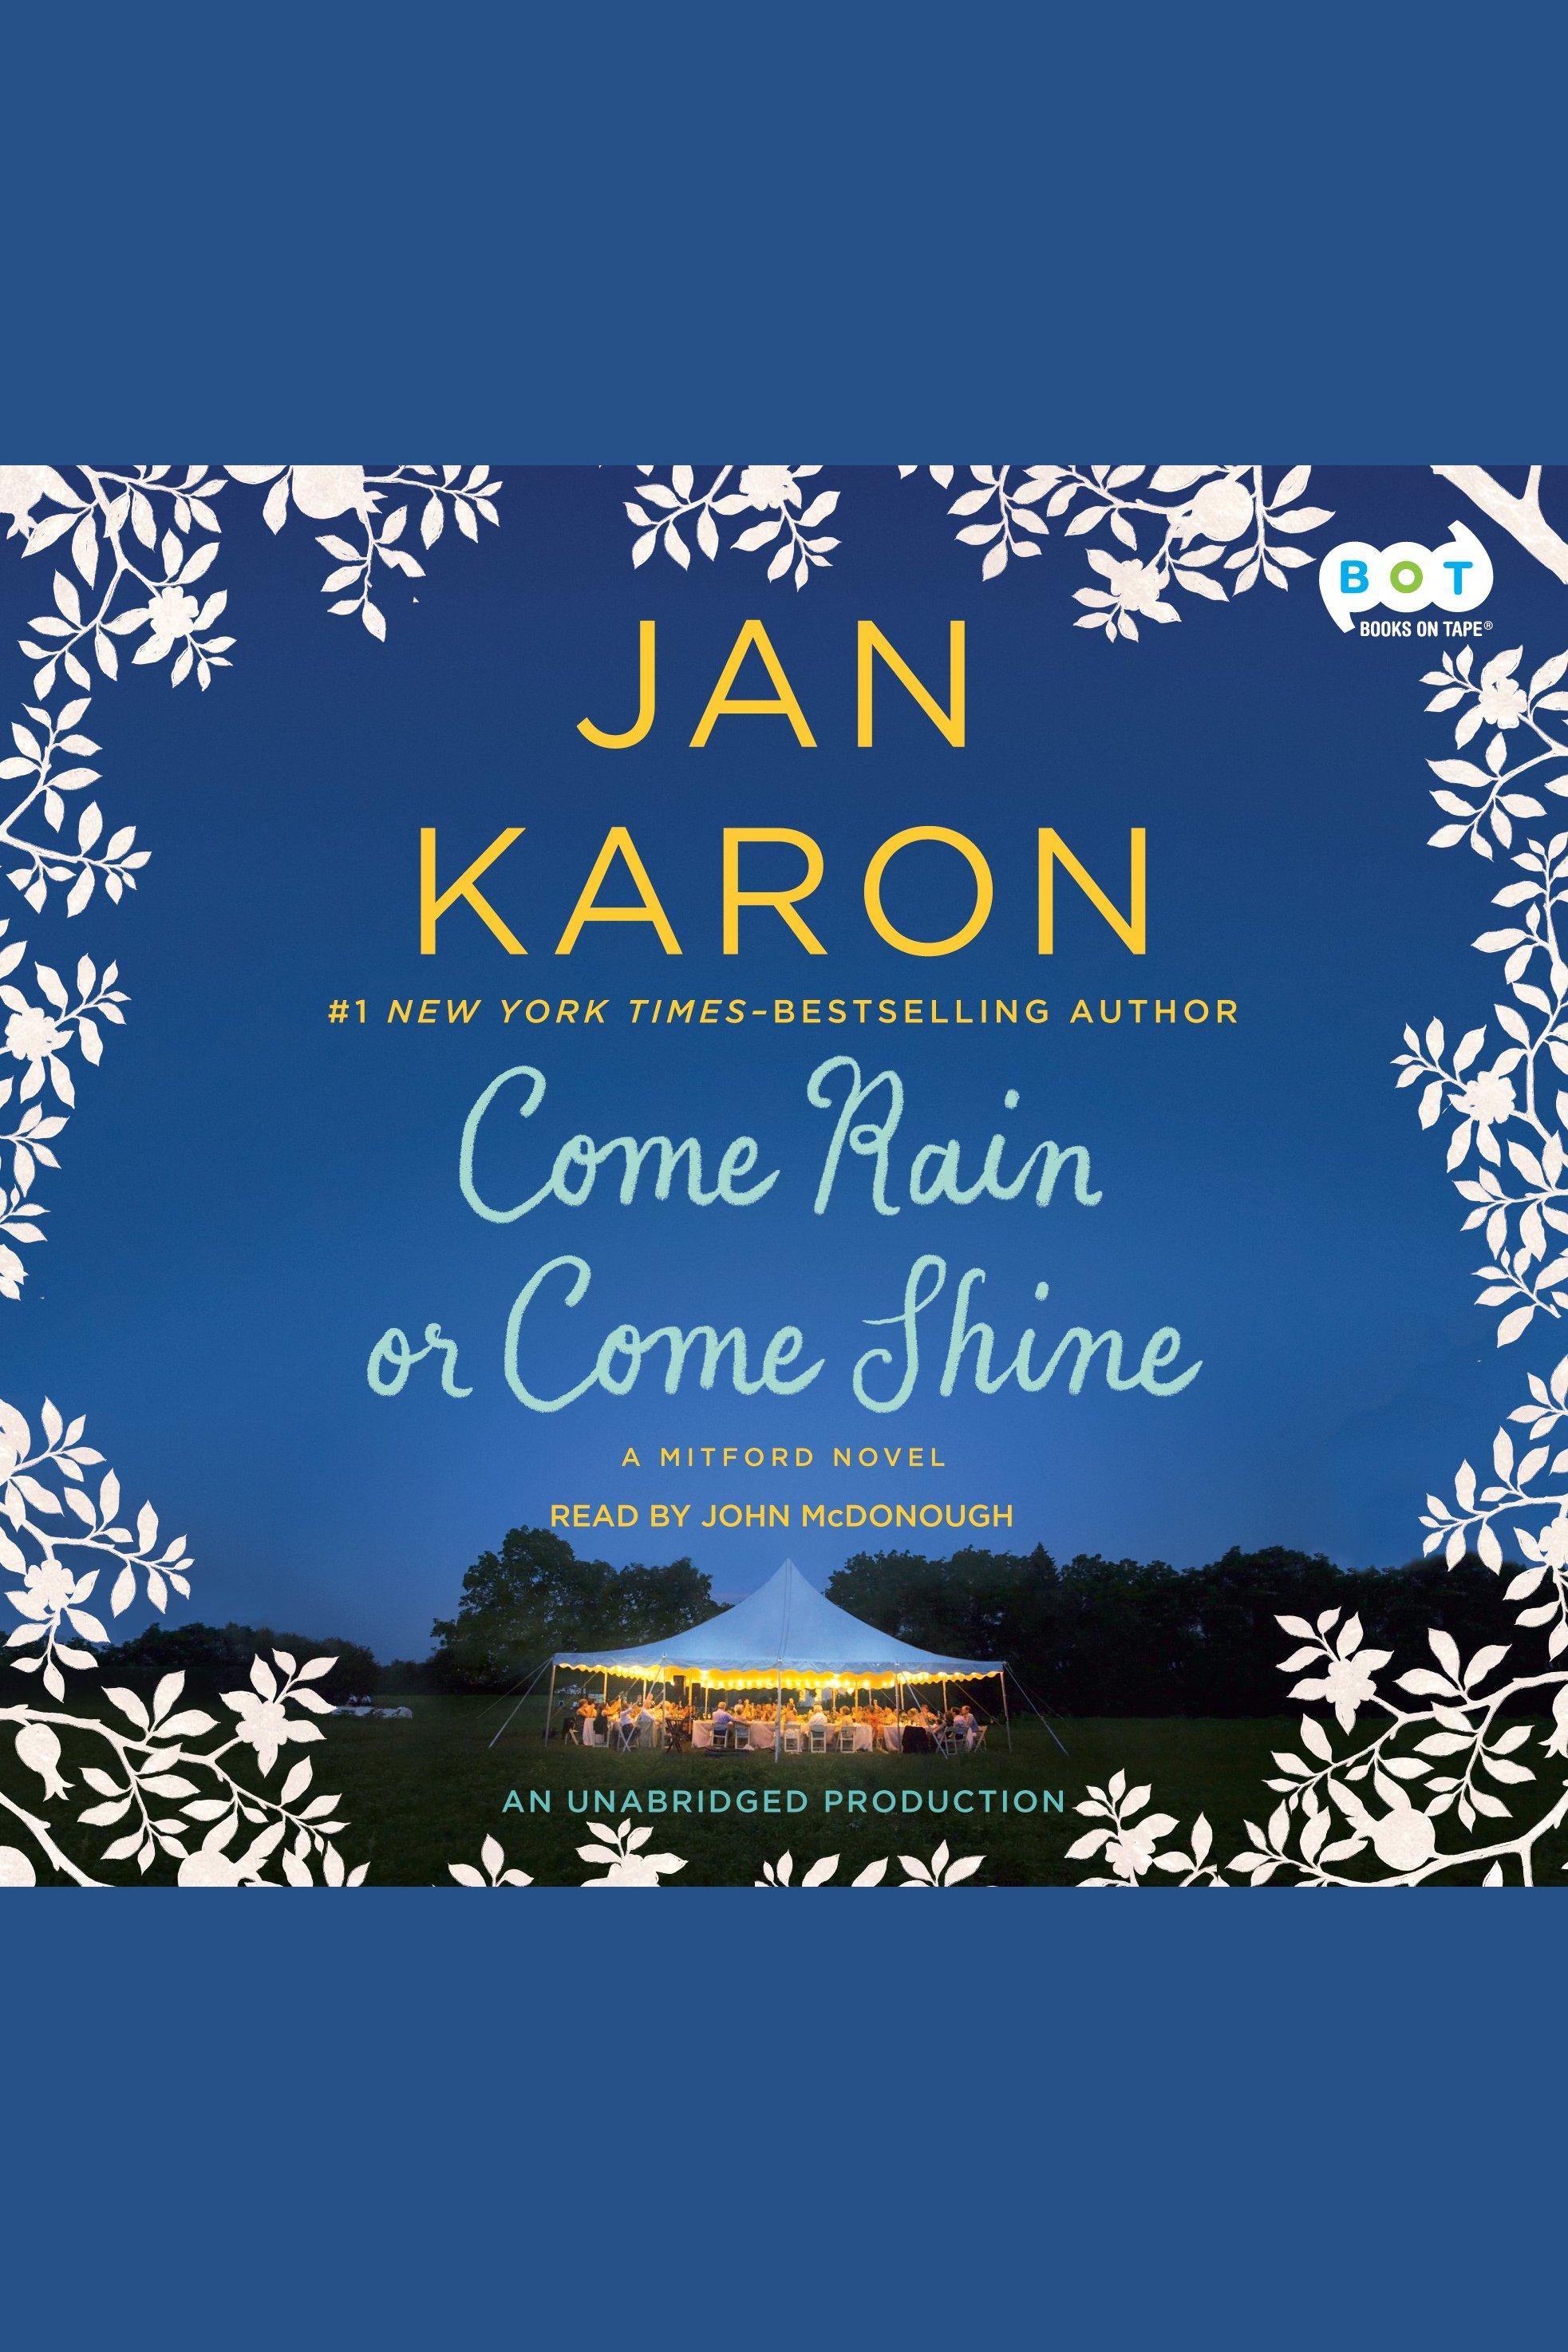 Come rain or come shine cover image